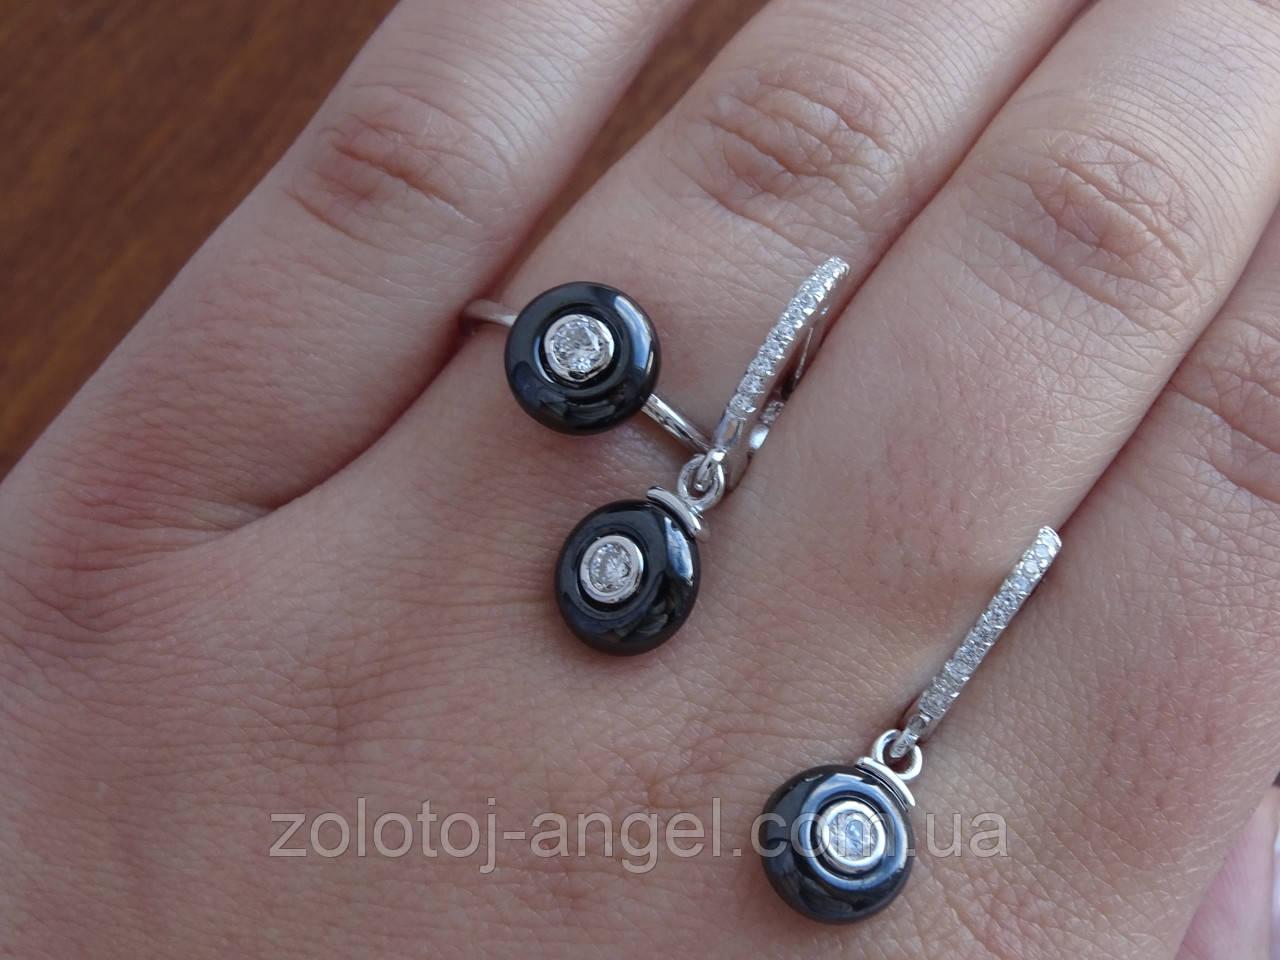 Кольцо серебряное с темным камнем(керамика)